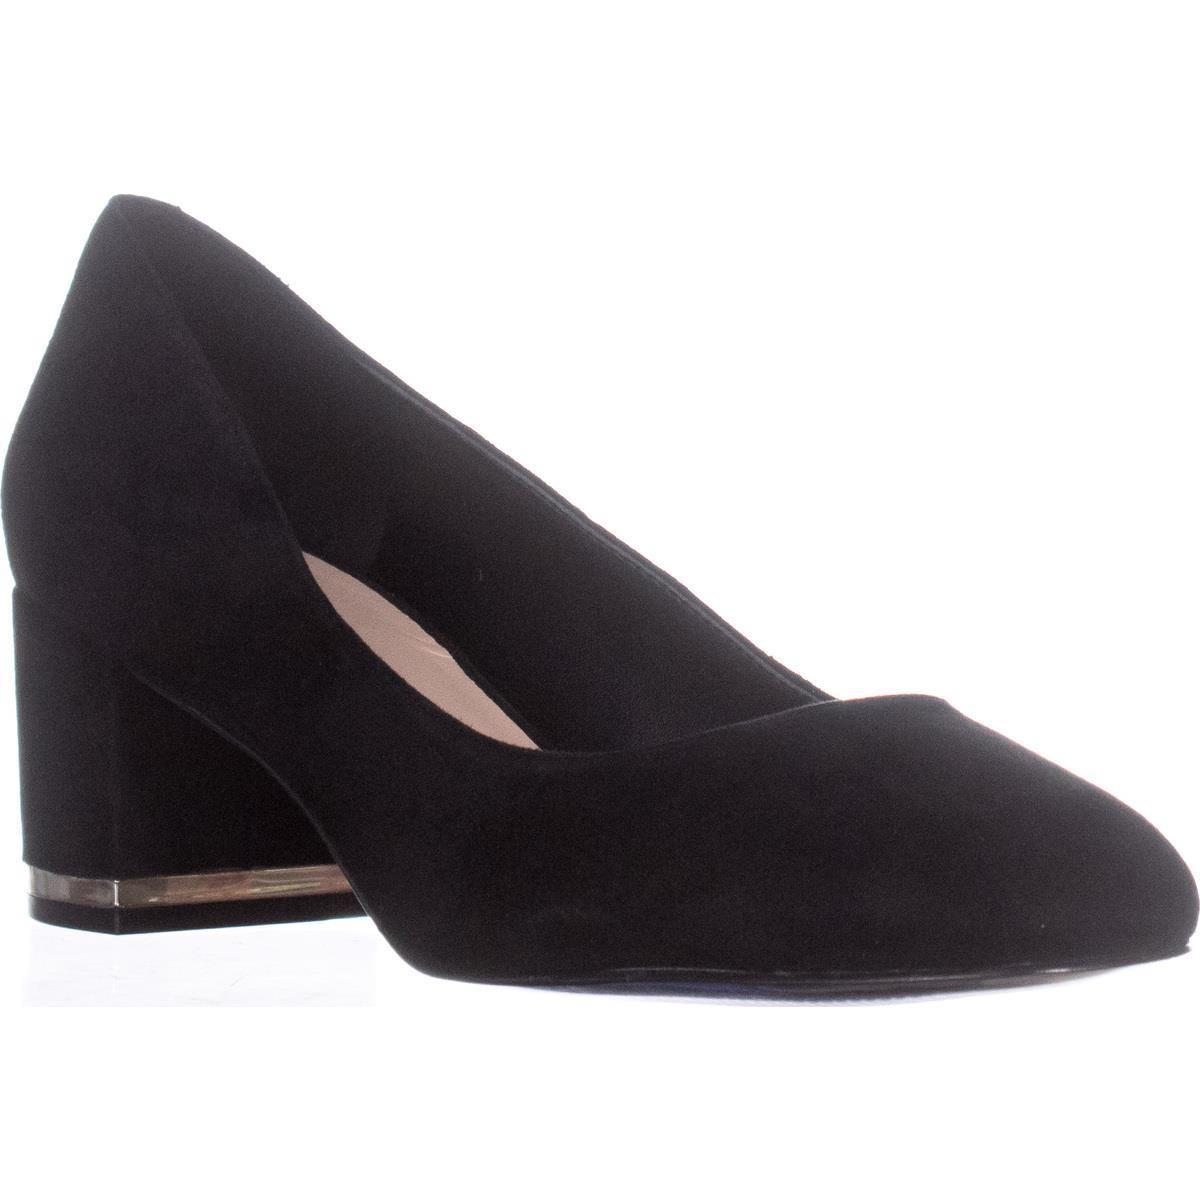 bd878c78ef27 Lyst - ALDO Falia Kitten Heel Pumps in Black